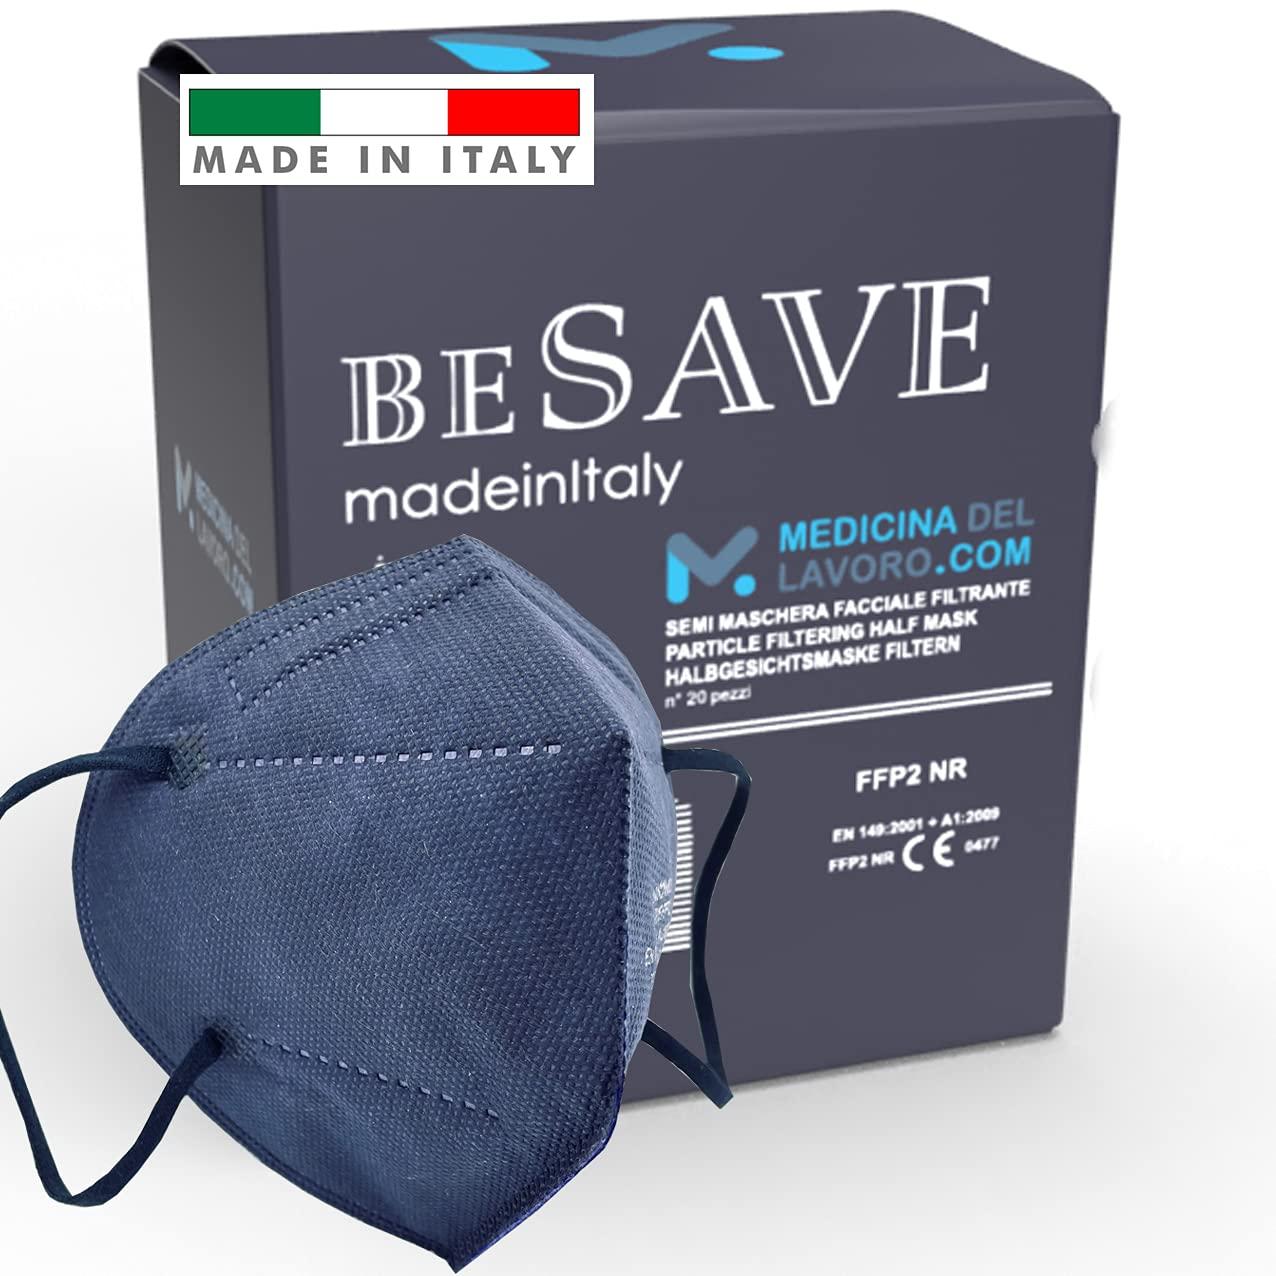 20 Mascarillas FFP2/KN95 Colores Noche Azul Homologadas Certificación CE de 5 Capas, Máscara Protectora, Mascarilla de Protección Personal con Filtros de Calidad BFE≥95, 20 Piezas - Made in Italy